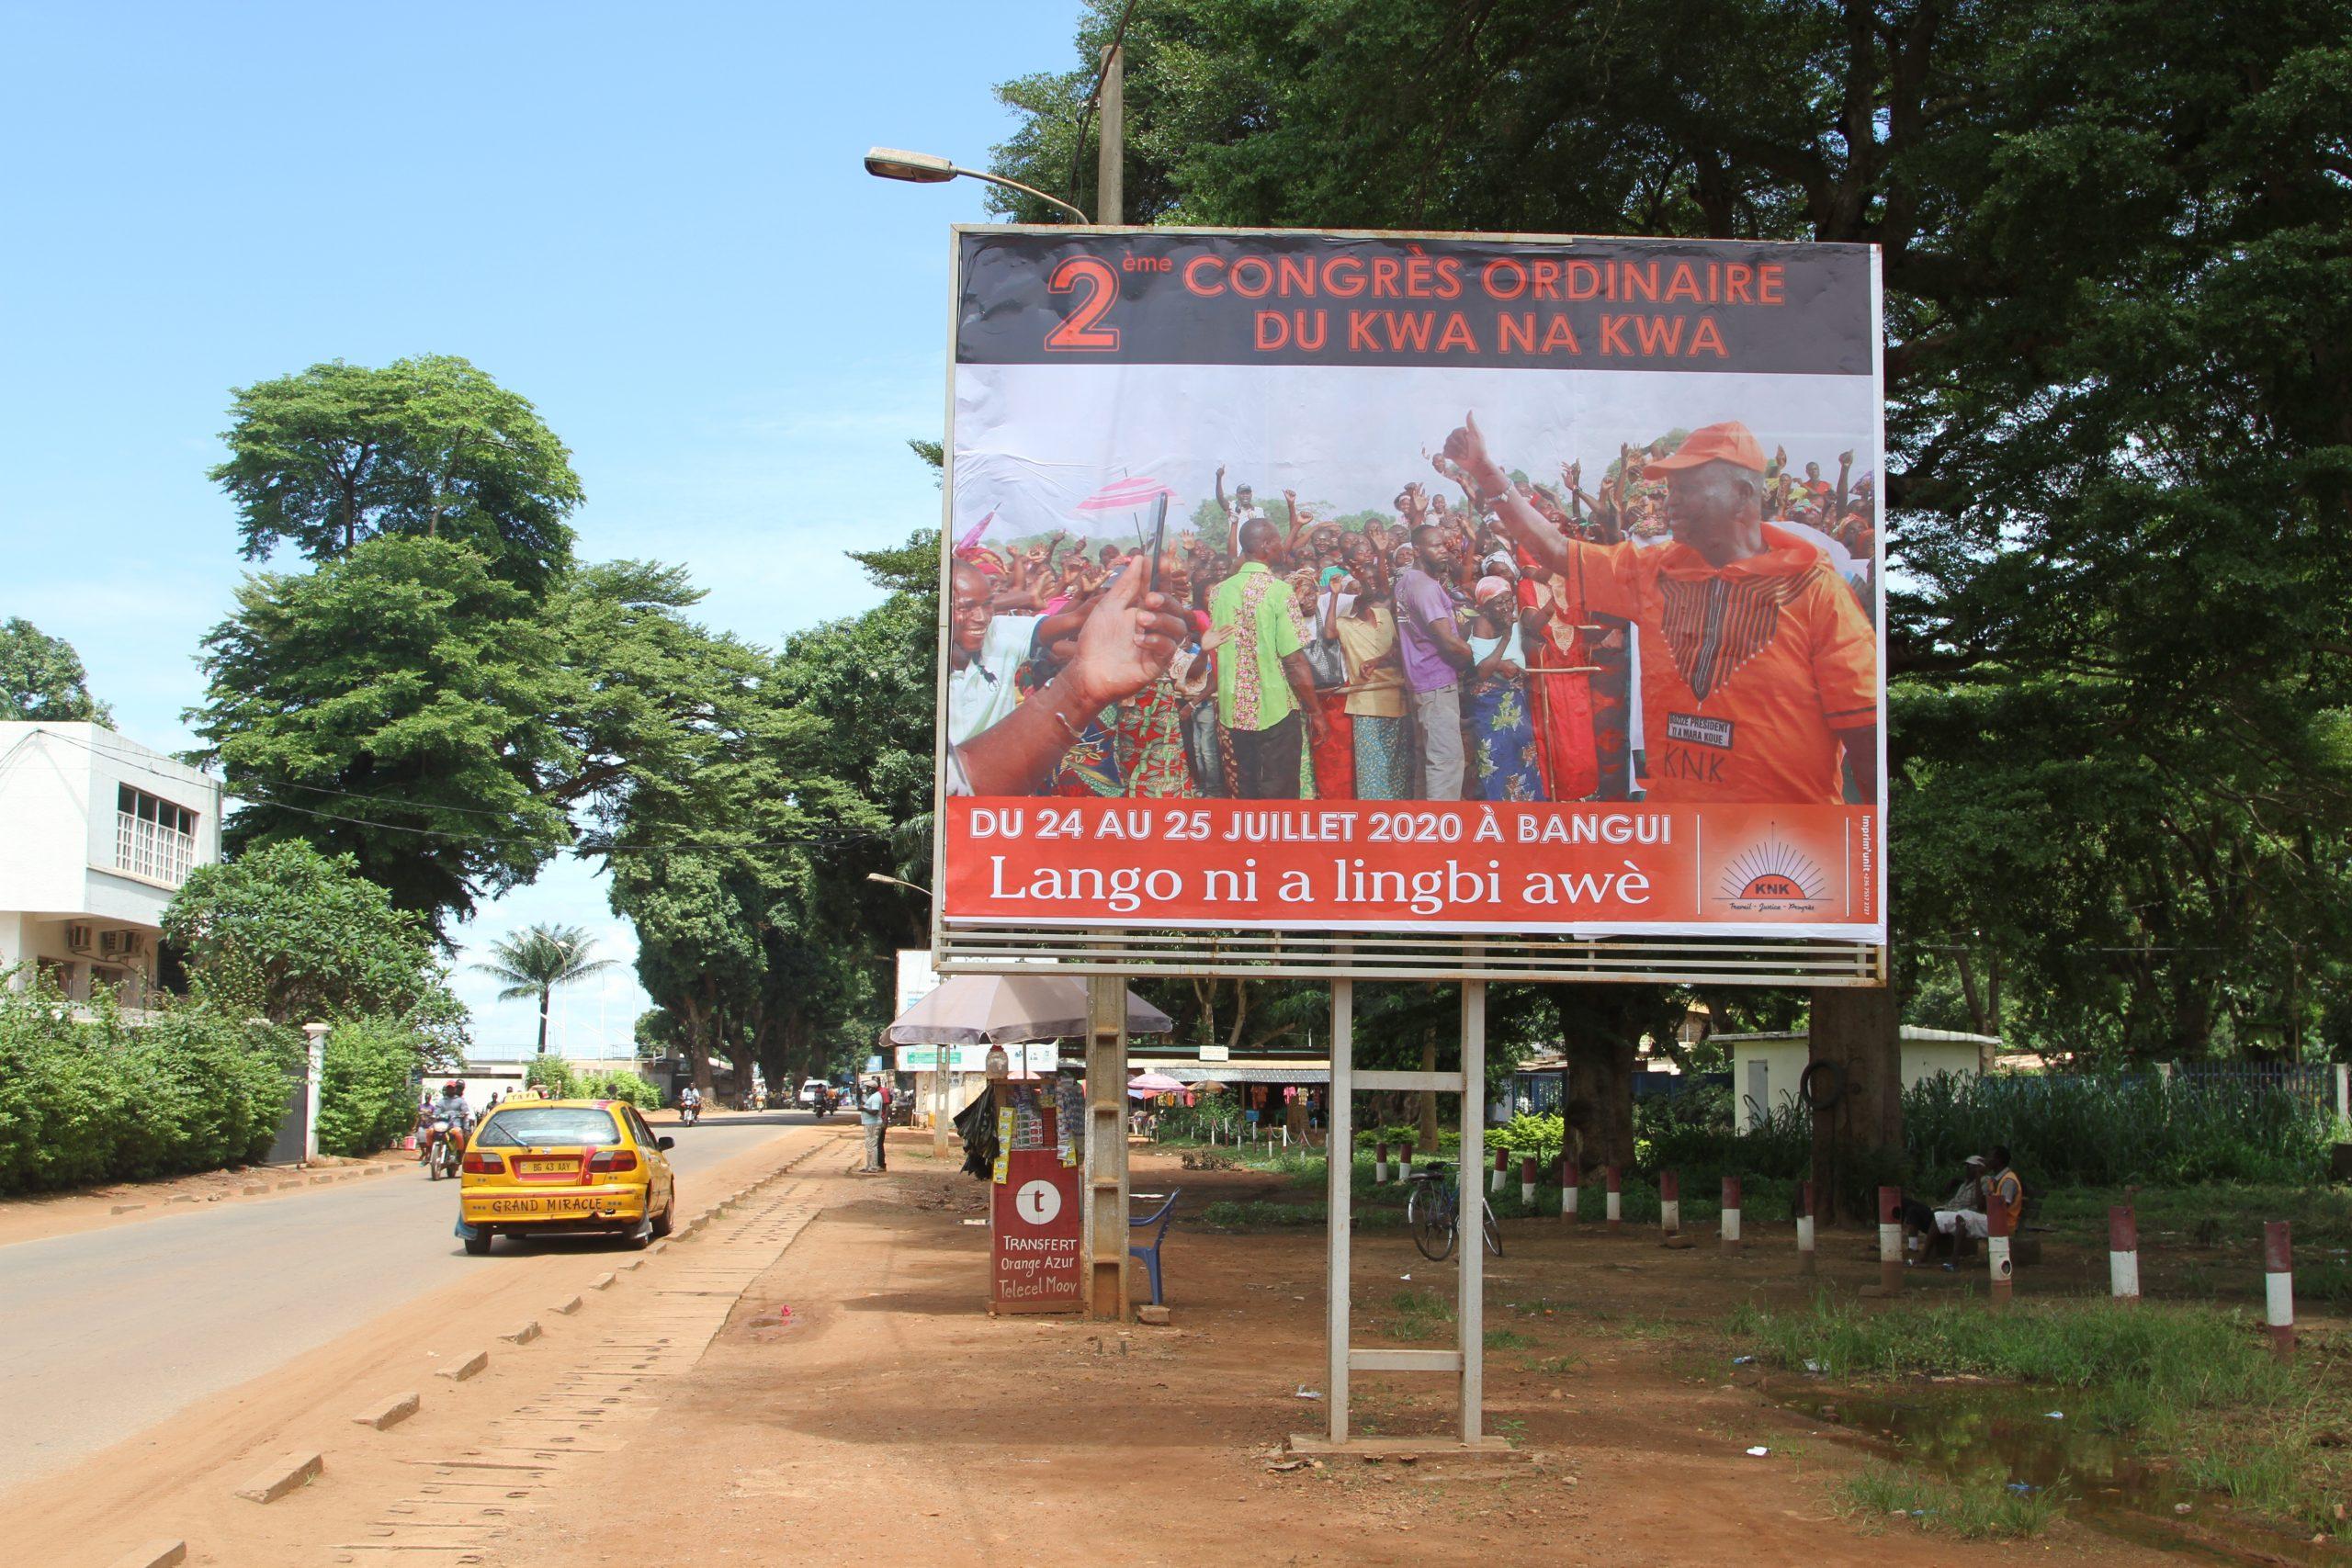 L'une des affiches du KNK, le parti de François Bozizé, qui ont fleuri dans les rues de Bangui en amont du congrès du 24 juillet.